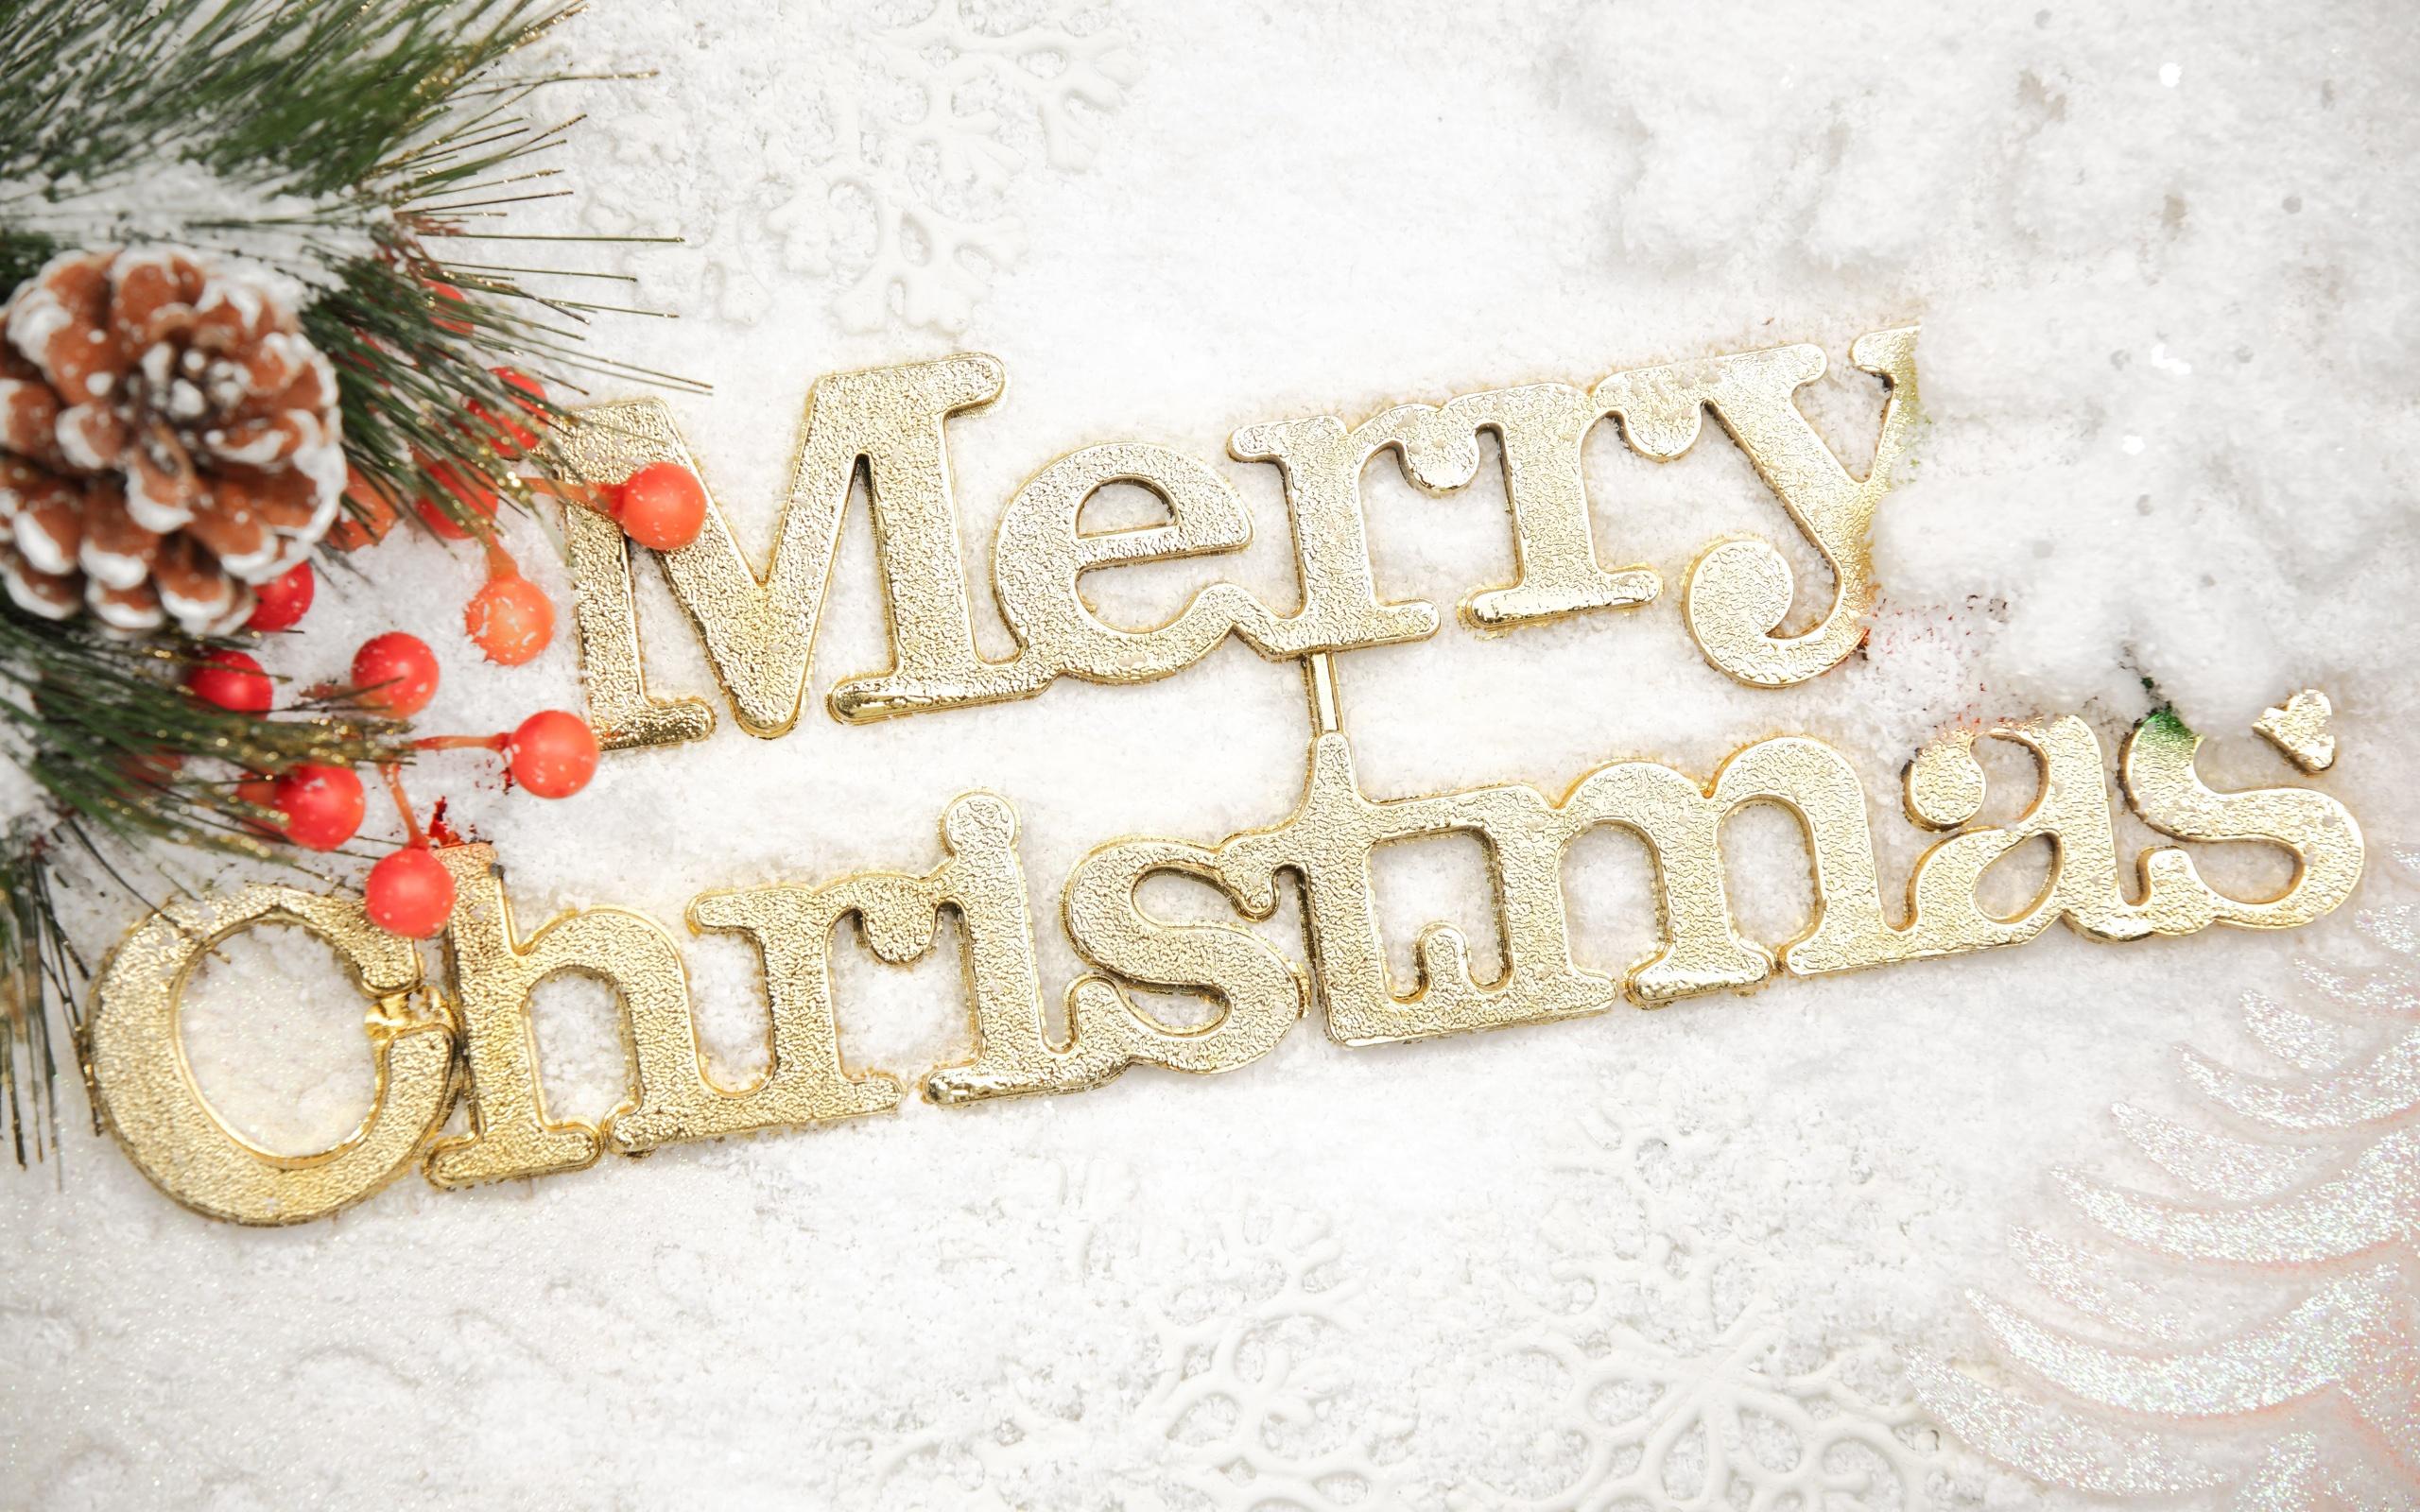 weihnachten zeichen weihnachtsbaum schneeflocken. Black Bedroom Furniture Sets. Home Design Ideas